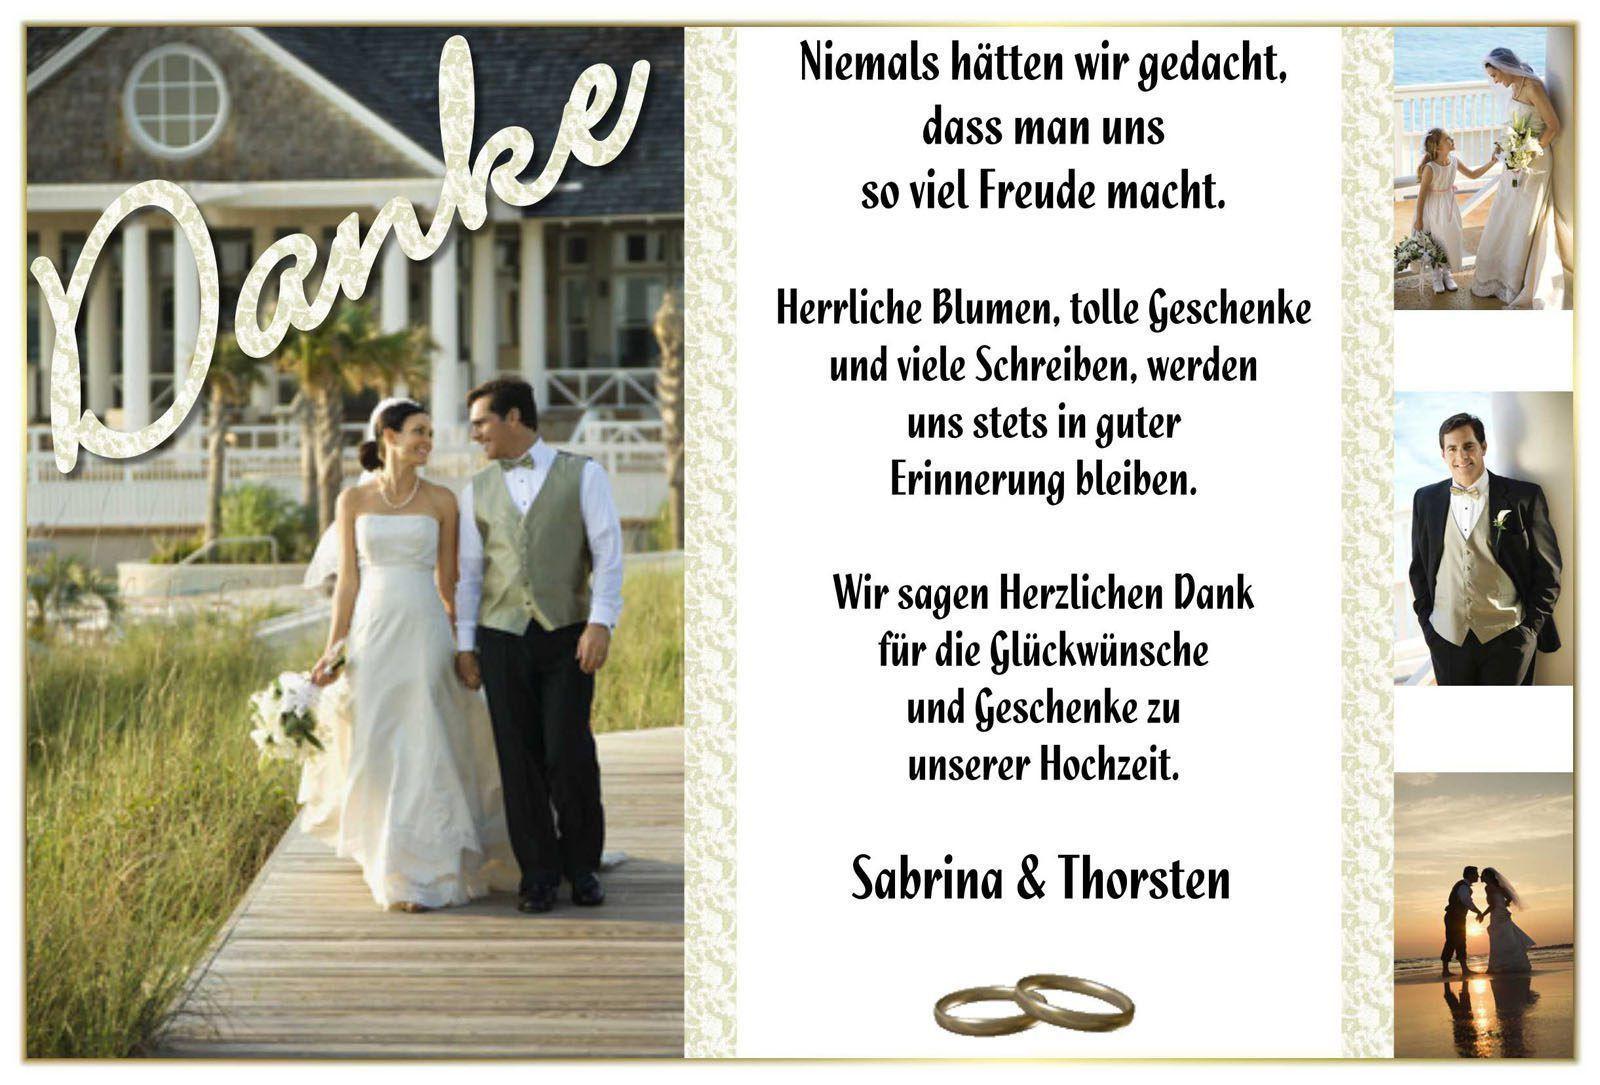 Danksagung Hochzeit Textvorschläge Modern  Dankeskarte Hochzeit Text Danksagung Hochzeit Textvorschläge Modern Danksagung Karten